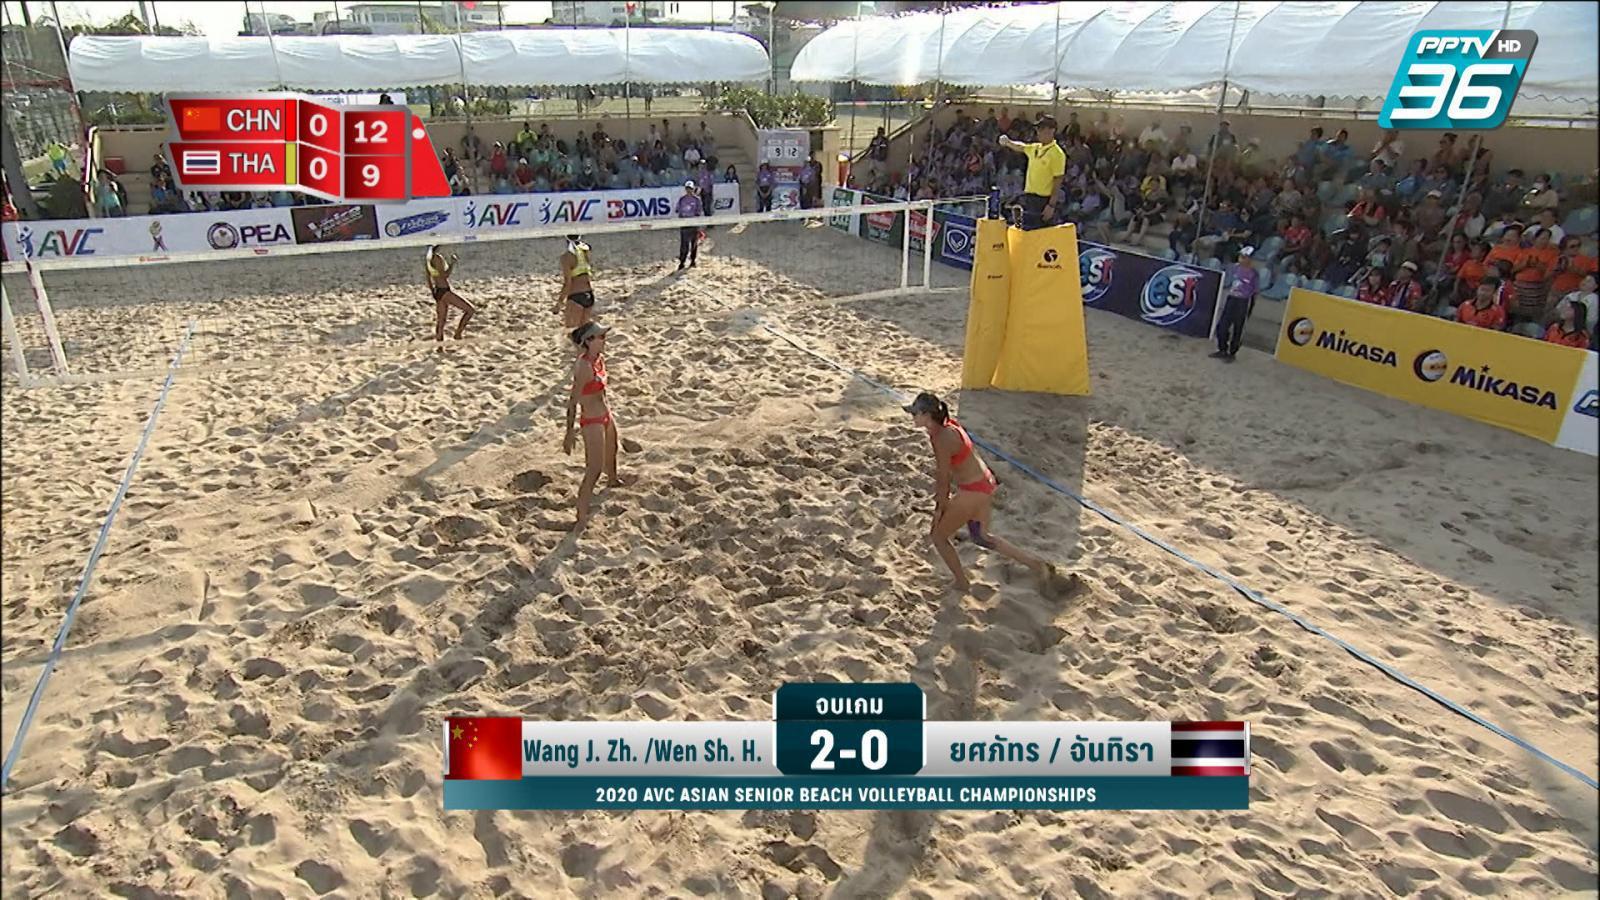 ไฮไลท์ | การแข่งขันวอลเลย์บอลชายหาด เอสโคล่า หญิงคู่  | ทีมชาติไทย พบ ทีมชาติจีน | 14 ก.พ. 63